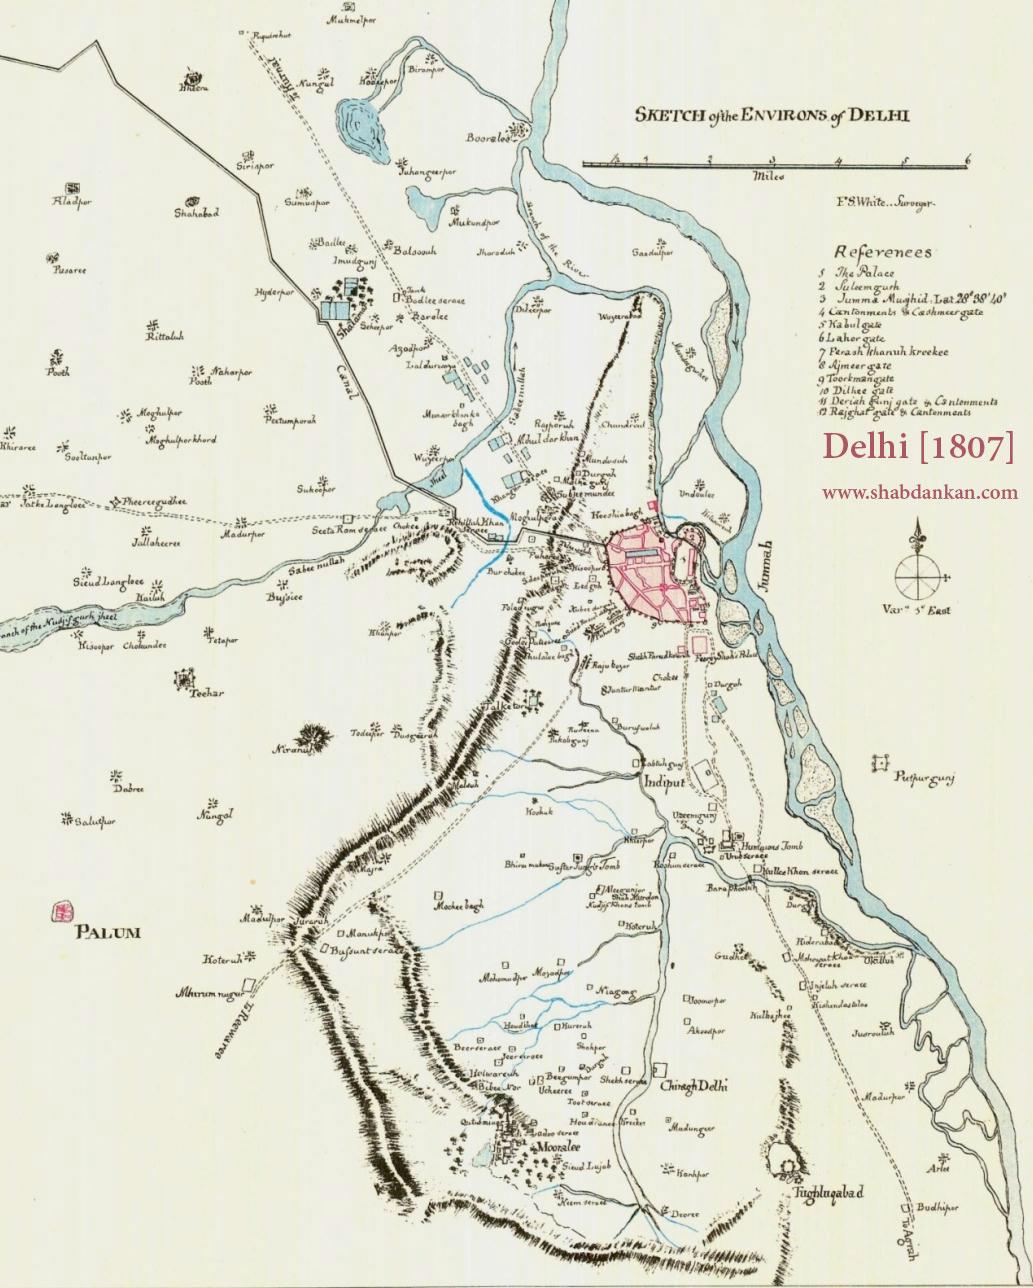 दिल्ली का नक्शा 1807 में.